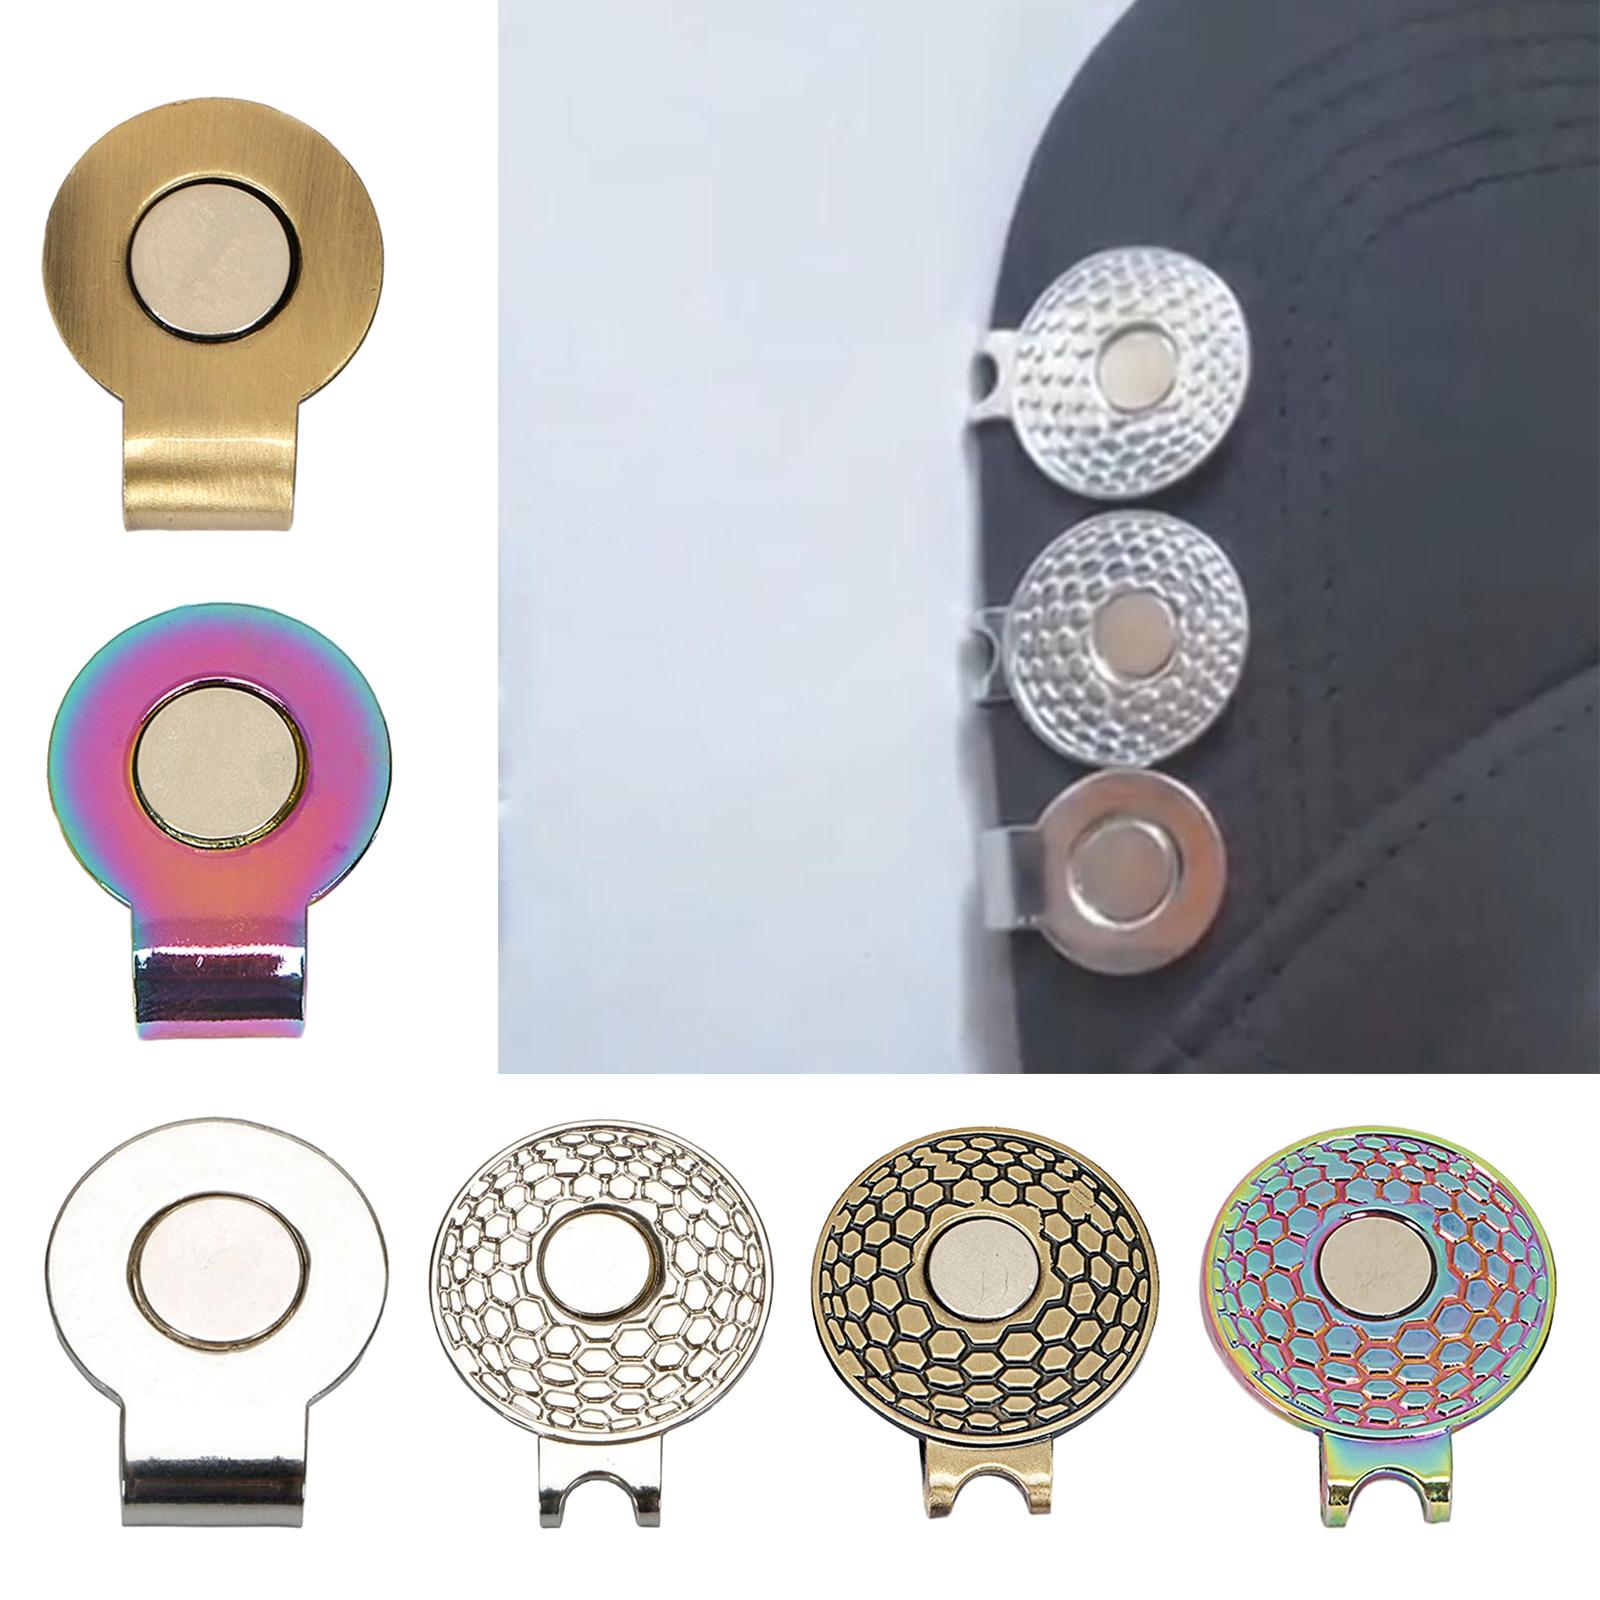 Marqueurs de balle de Golf magnétiques, Clip de chapeau magnétique, Club de mise en place, cadeaux pour golfeur, cadeau